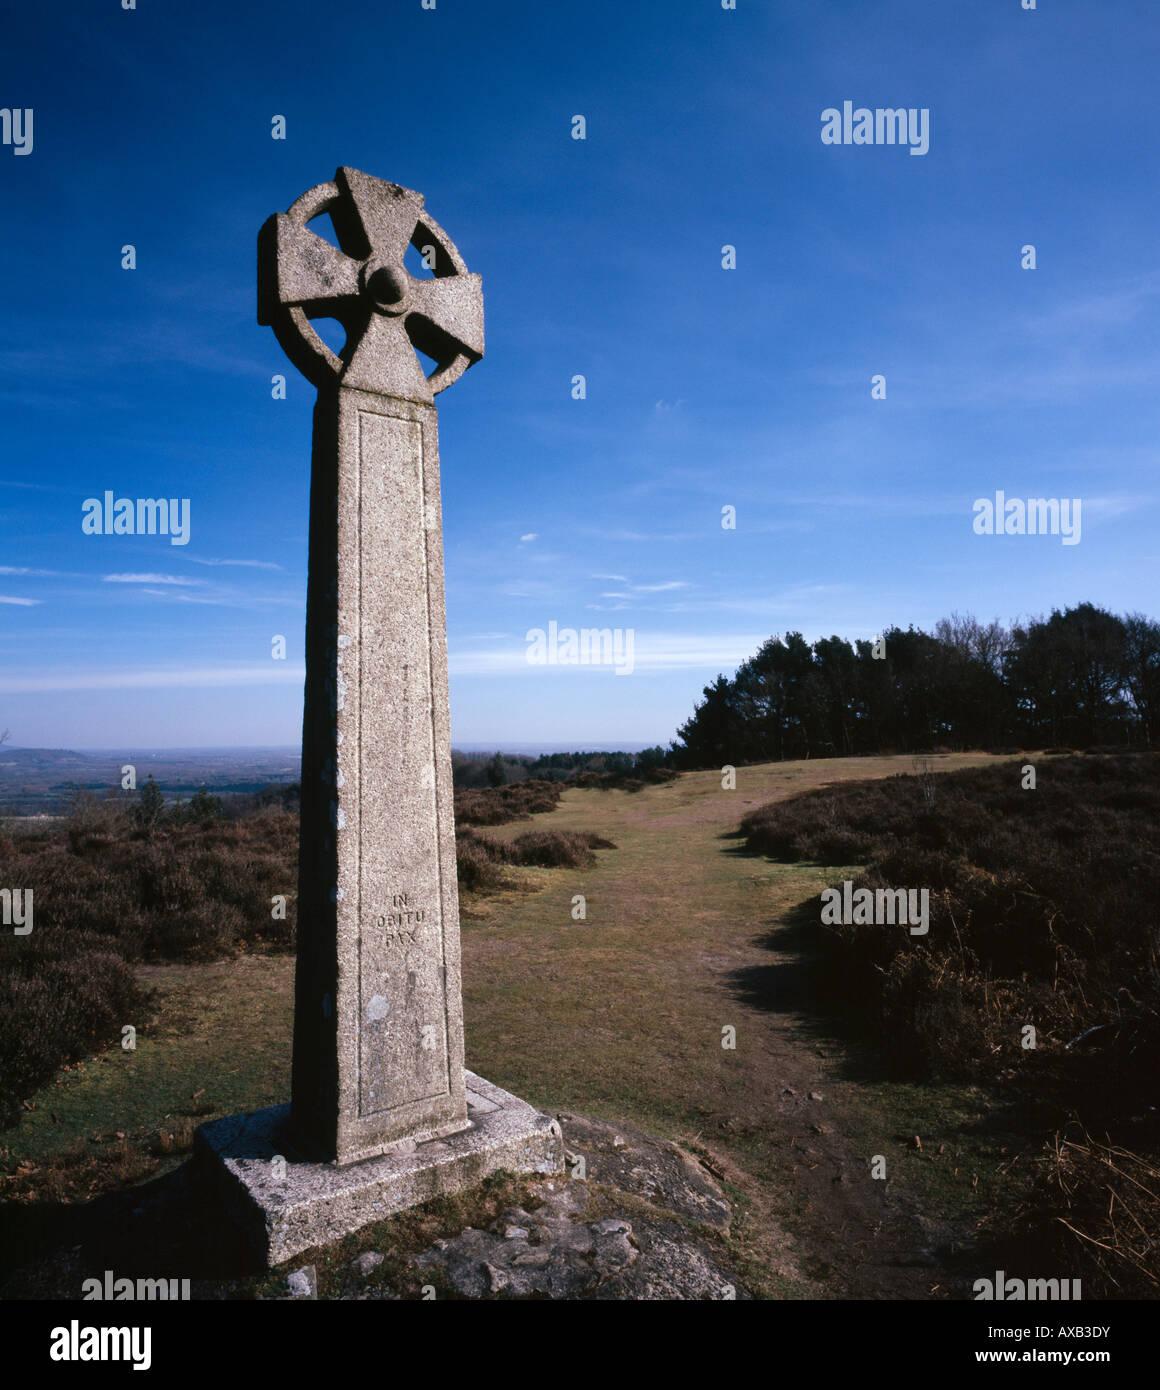 Un granito Celtic croce sulla cima della collina di patibolo. Immagini Stock